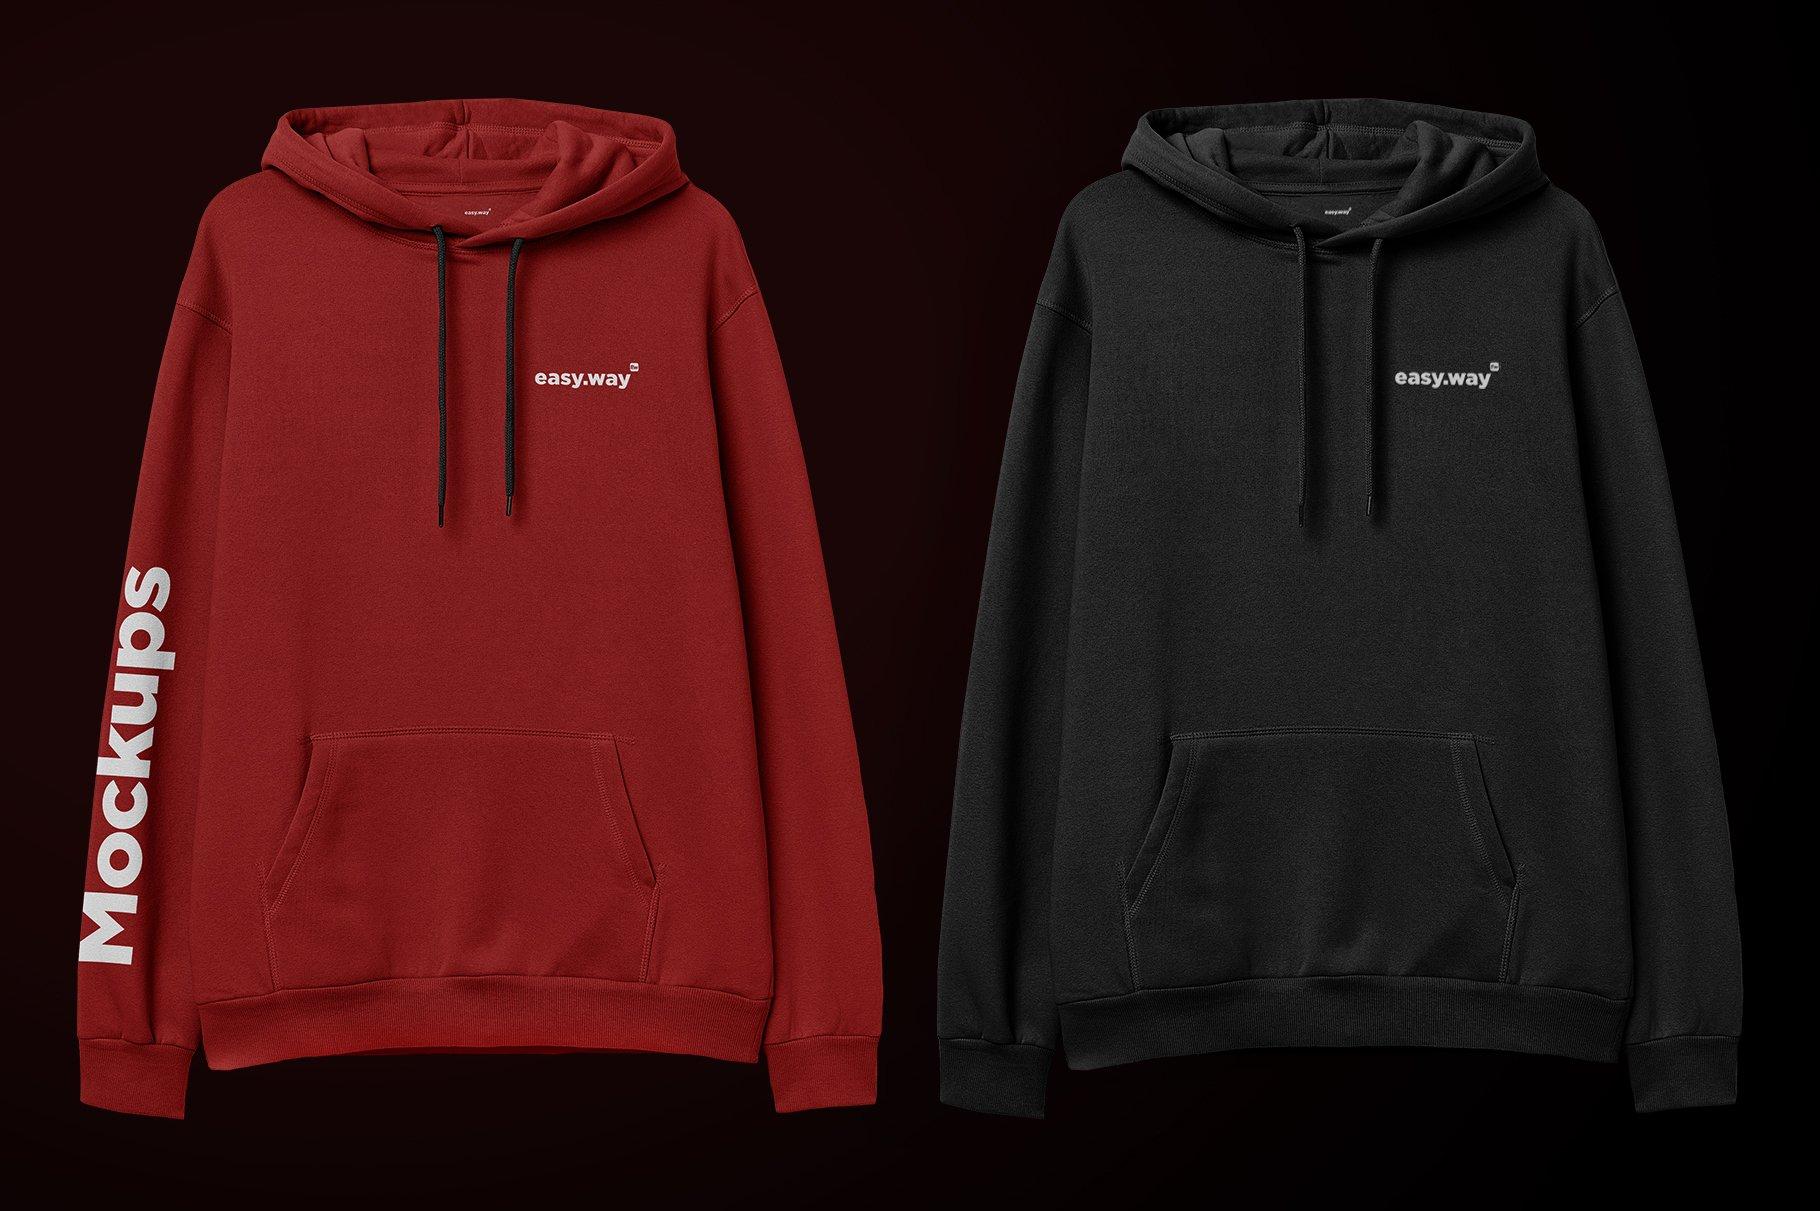 简约连衣帽卫衣印花图案设计展示样机PSD模板 Hooded Sweatshirt PSD Mockup插图4